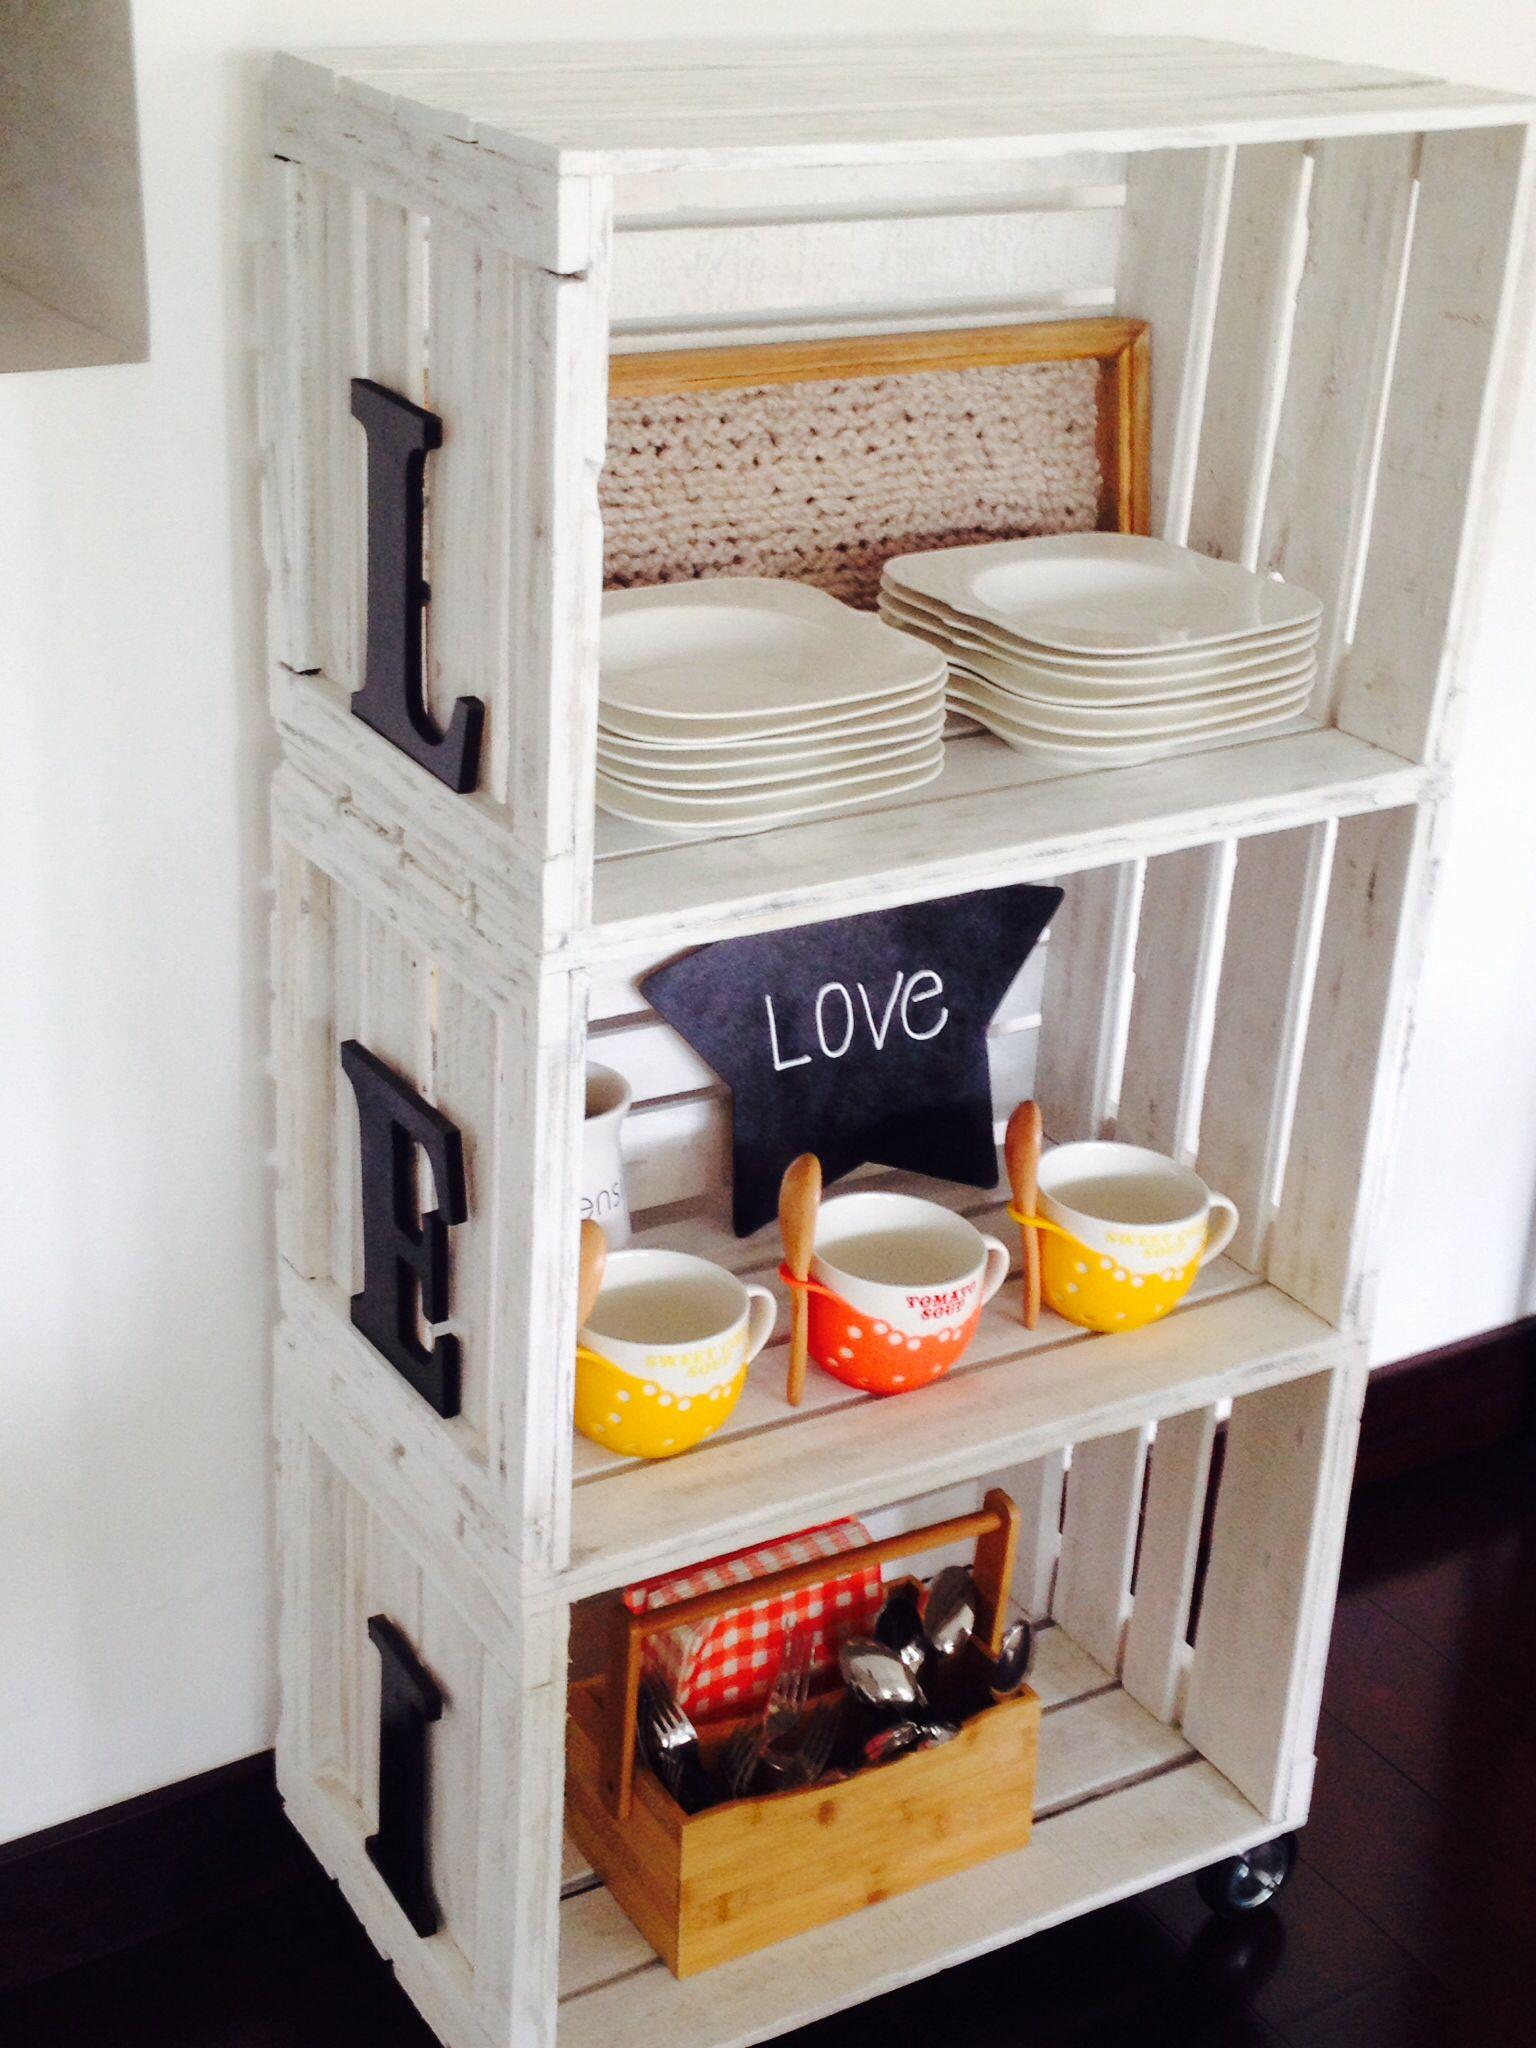 Canastos de frutos | muebles de cocina | Pinterest | Rusticas ...